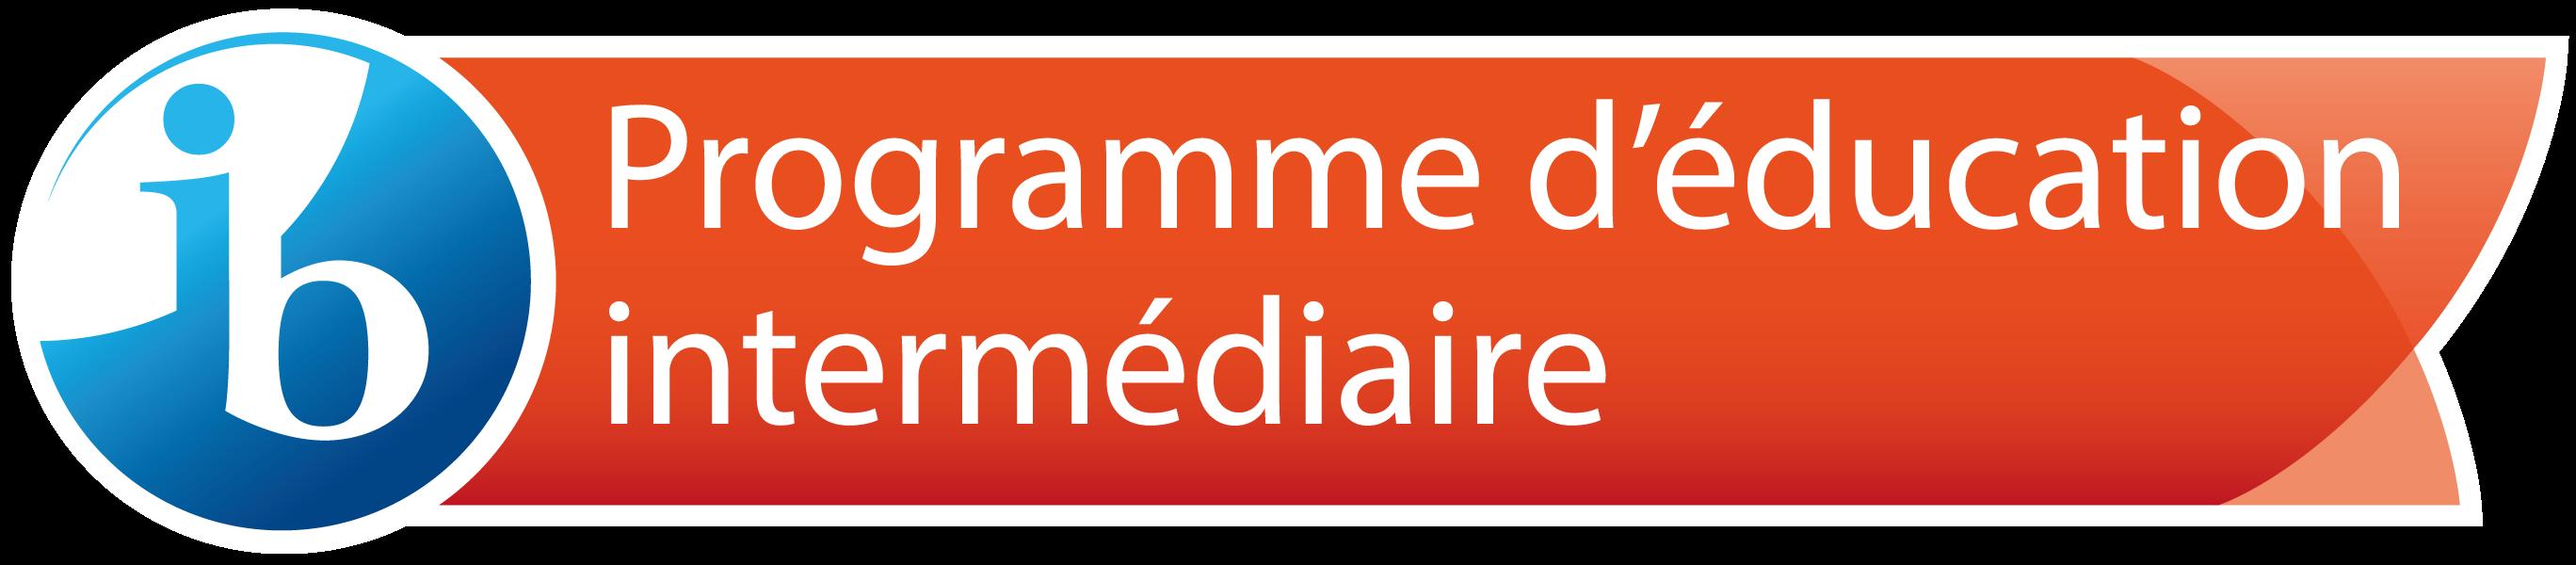 Admission et inscription cole joseph fran ois perrault for D et co inscription